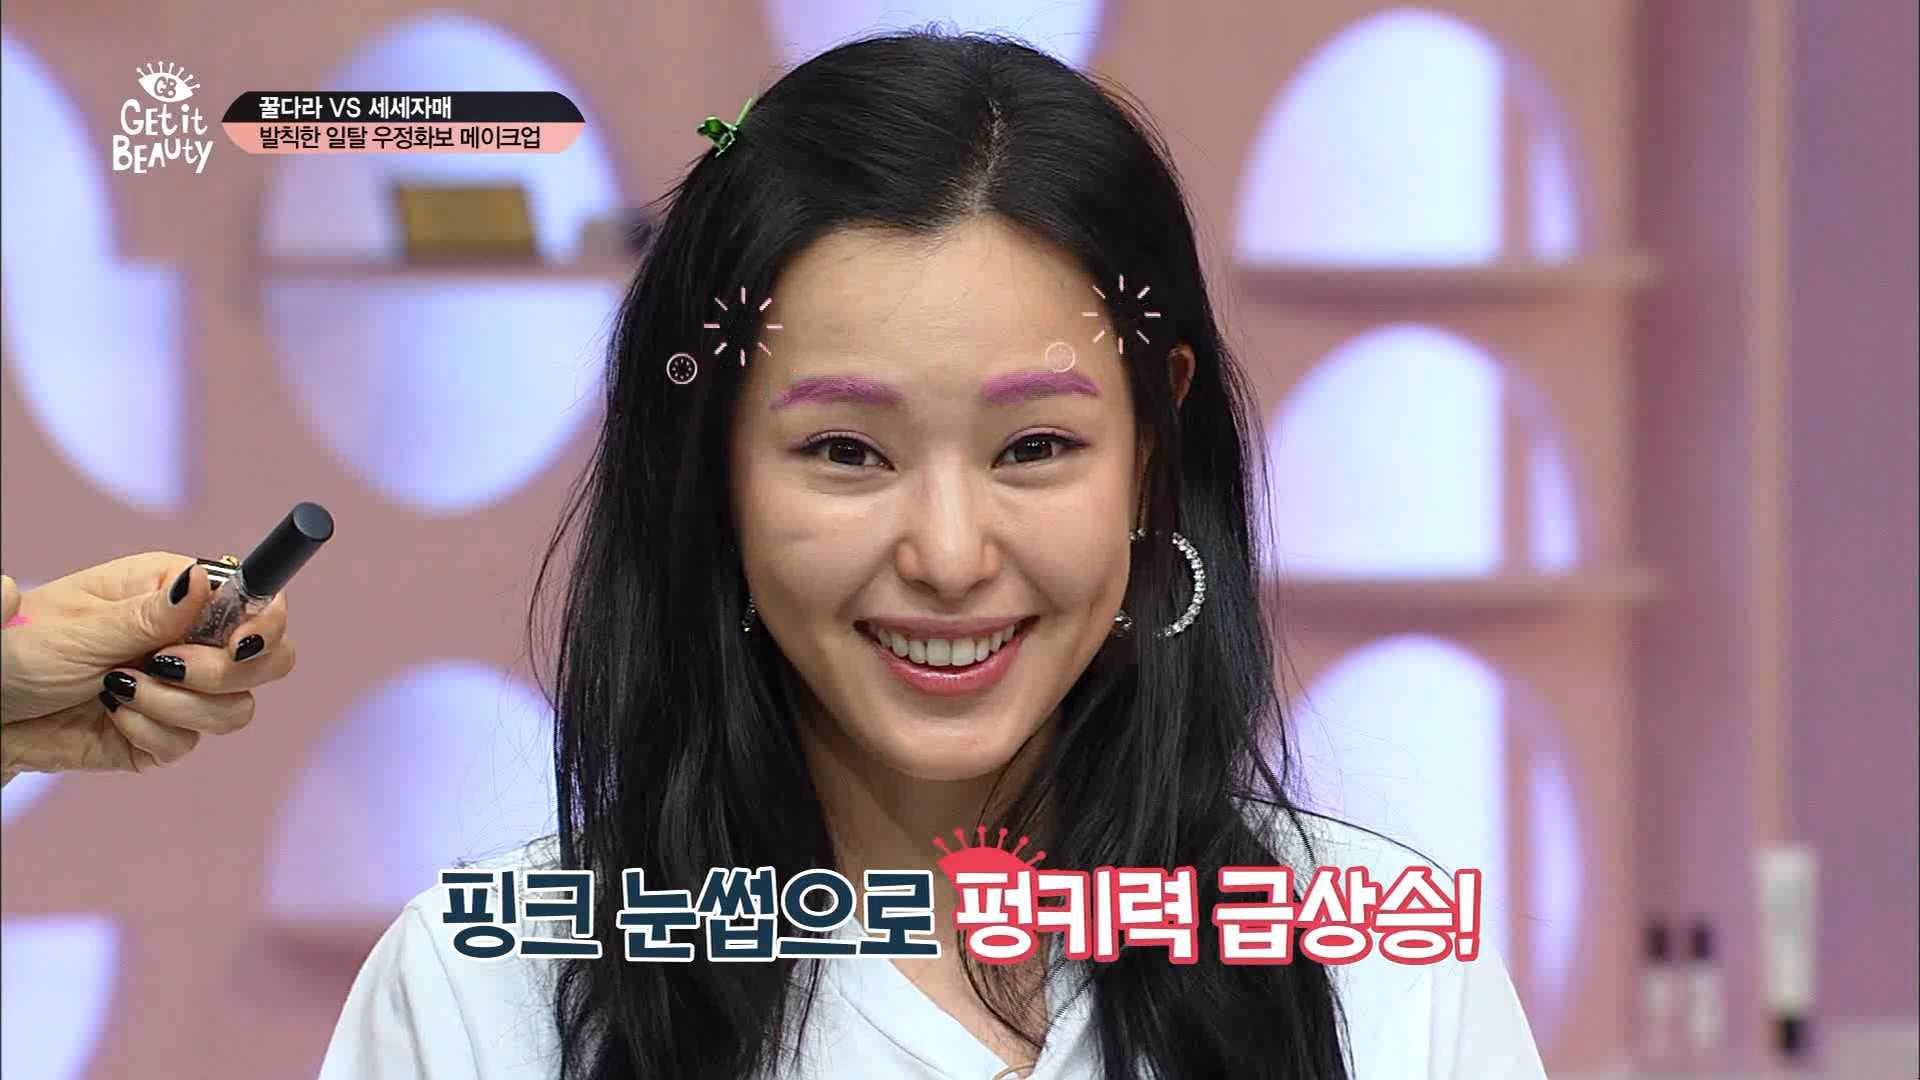 핑키핑키~~ ♡ 핑크 눈썹으로 핑키력 급상승!